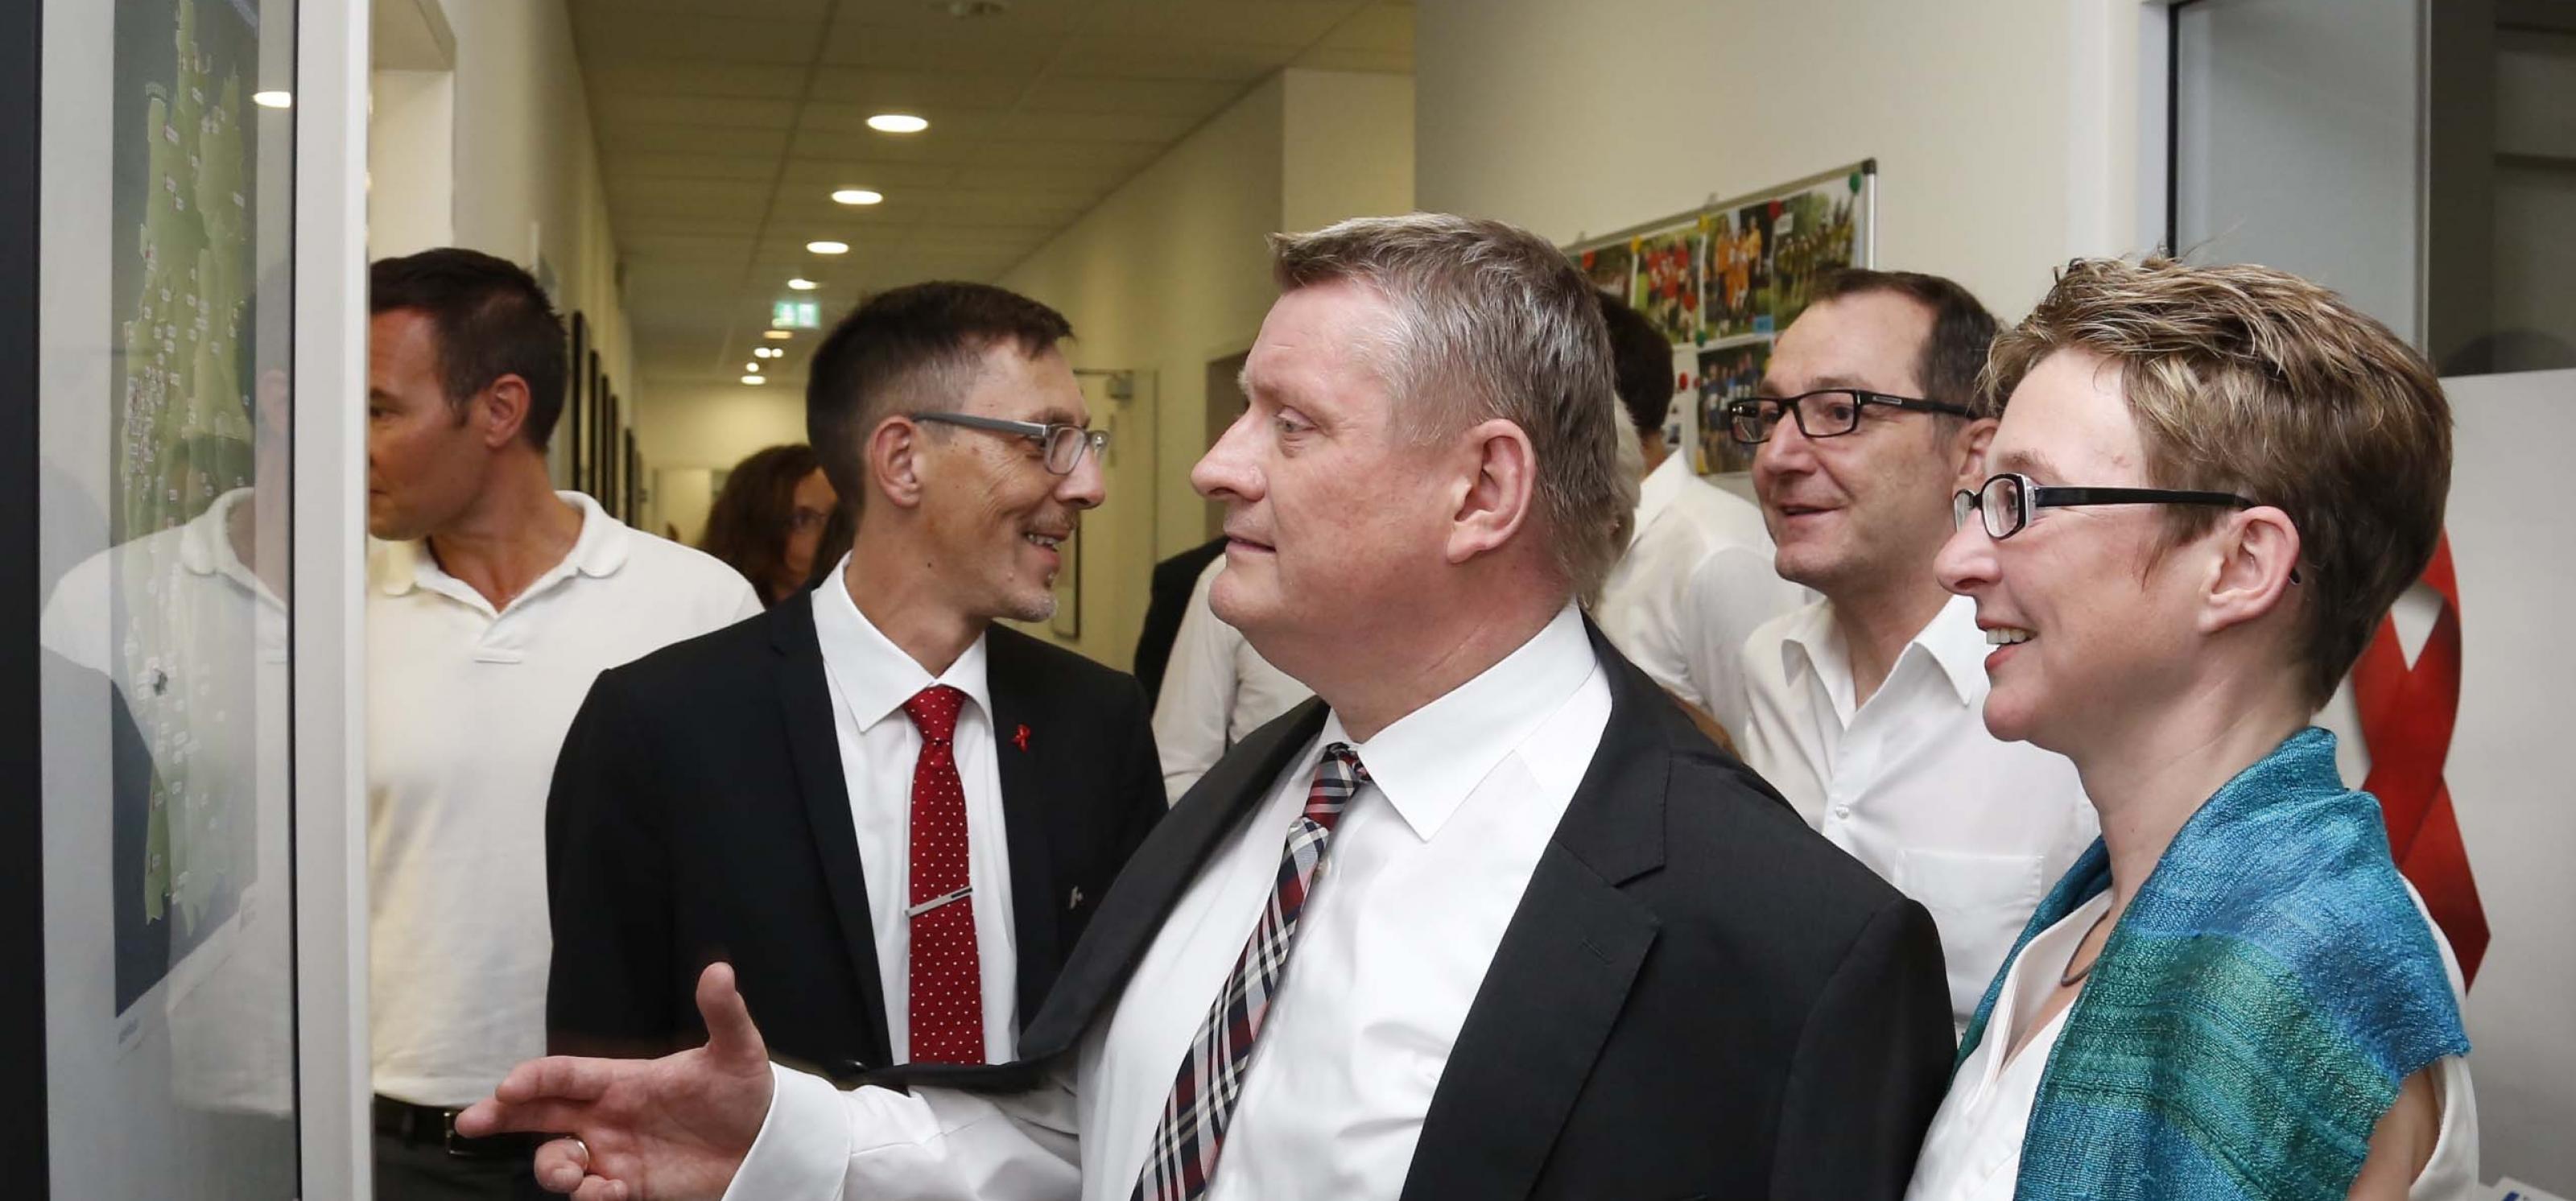 Minister Gröhe besichtigt Plakate der Deutschen AIDS-Hilfe